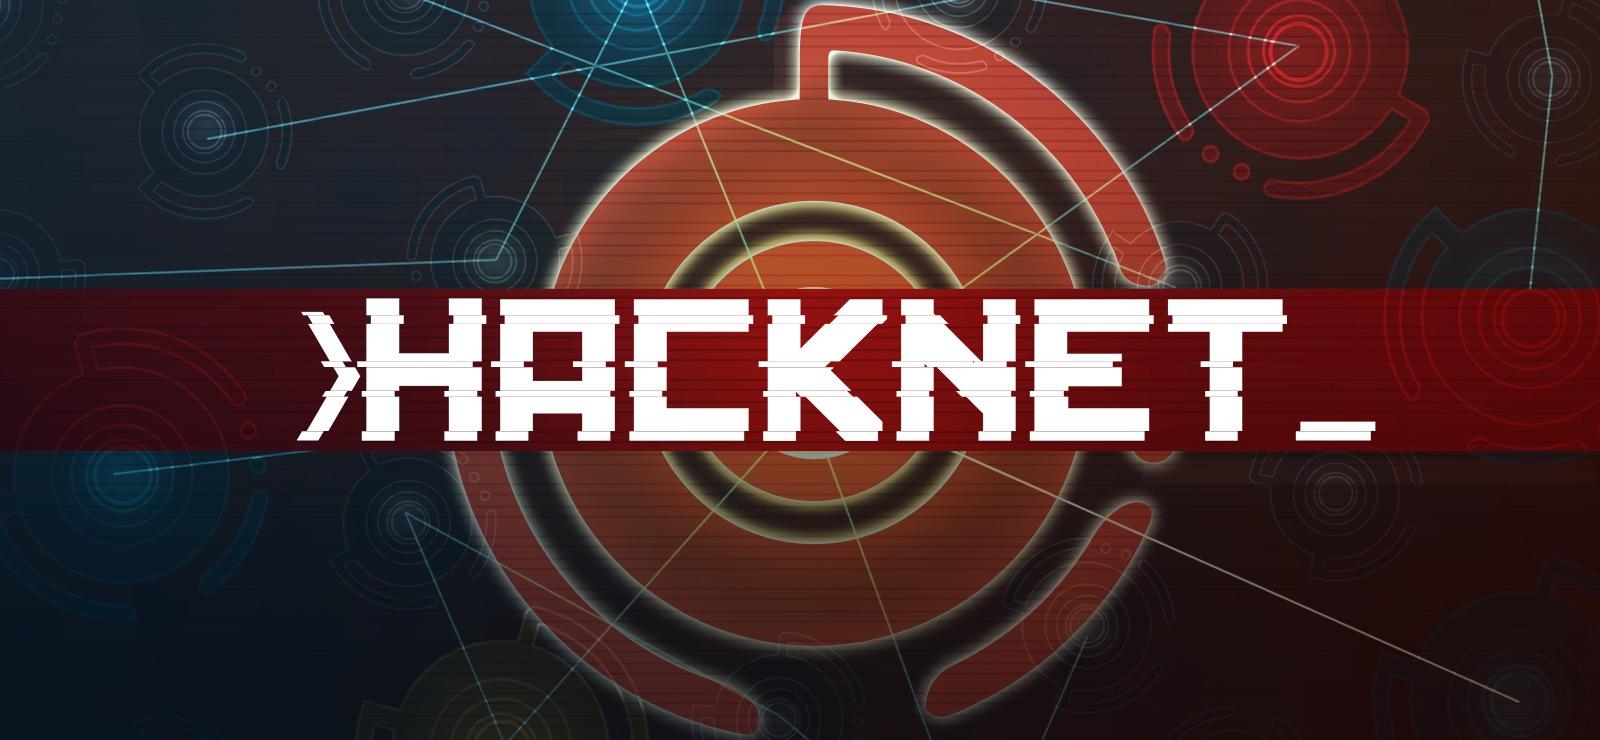 Hacknet Backgrounds, Compatible - PC, Mobile, Gadgets| 1600x740 px